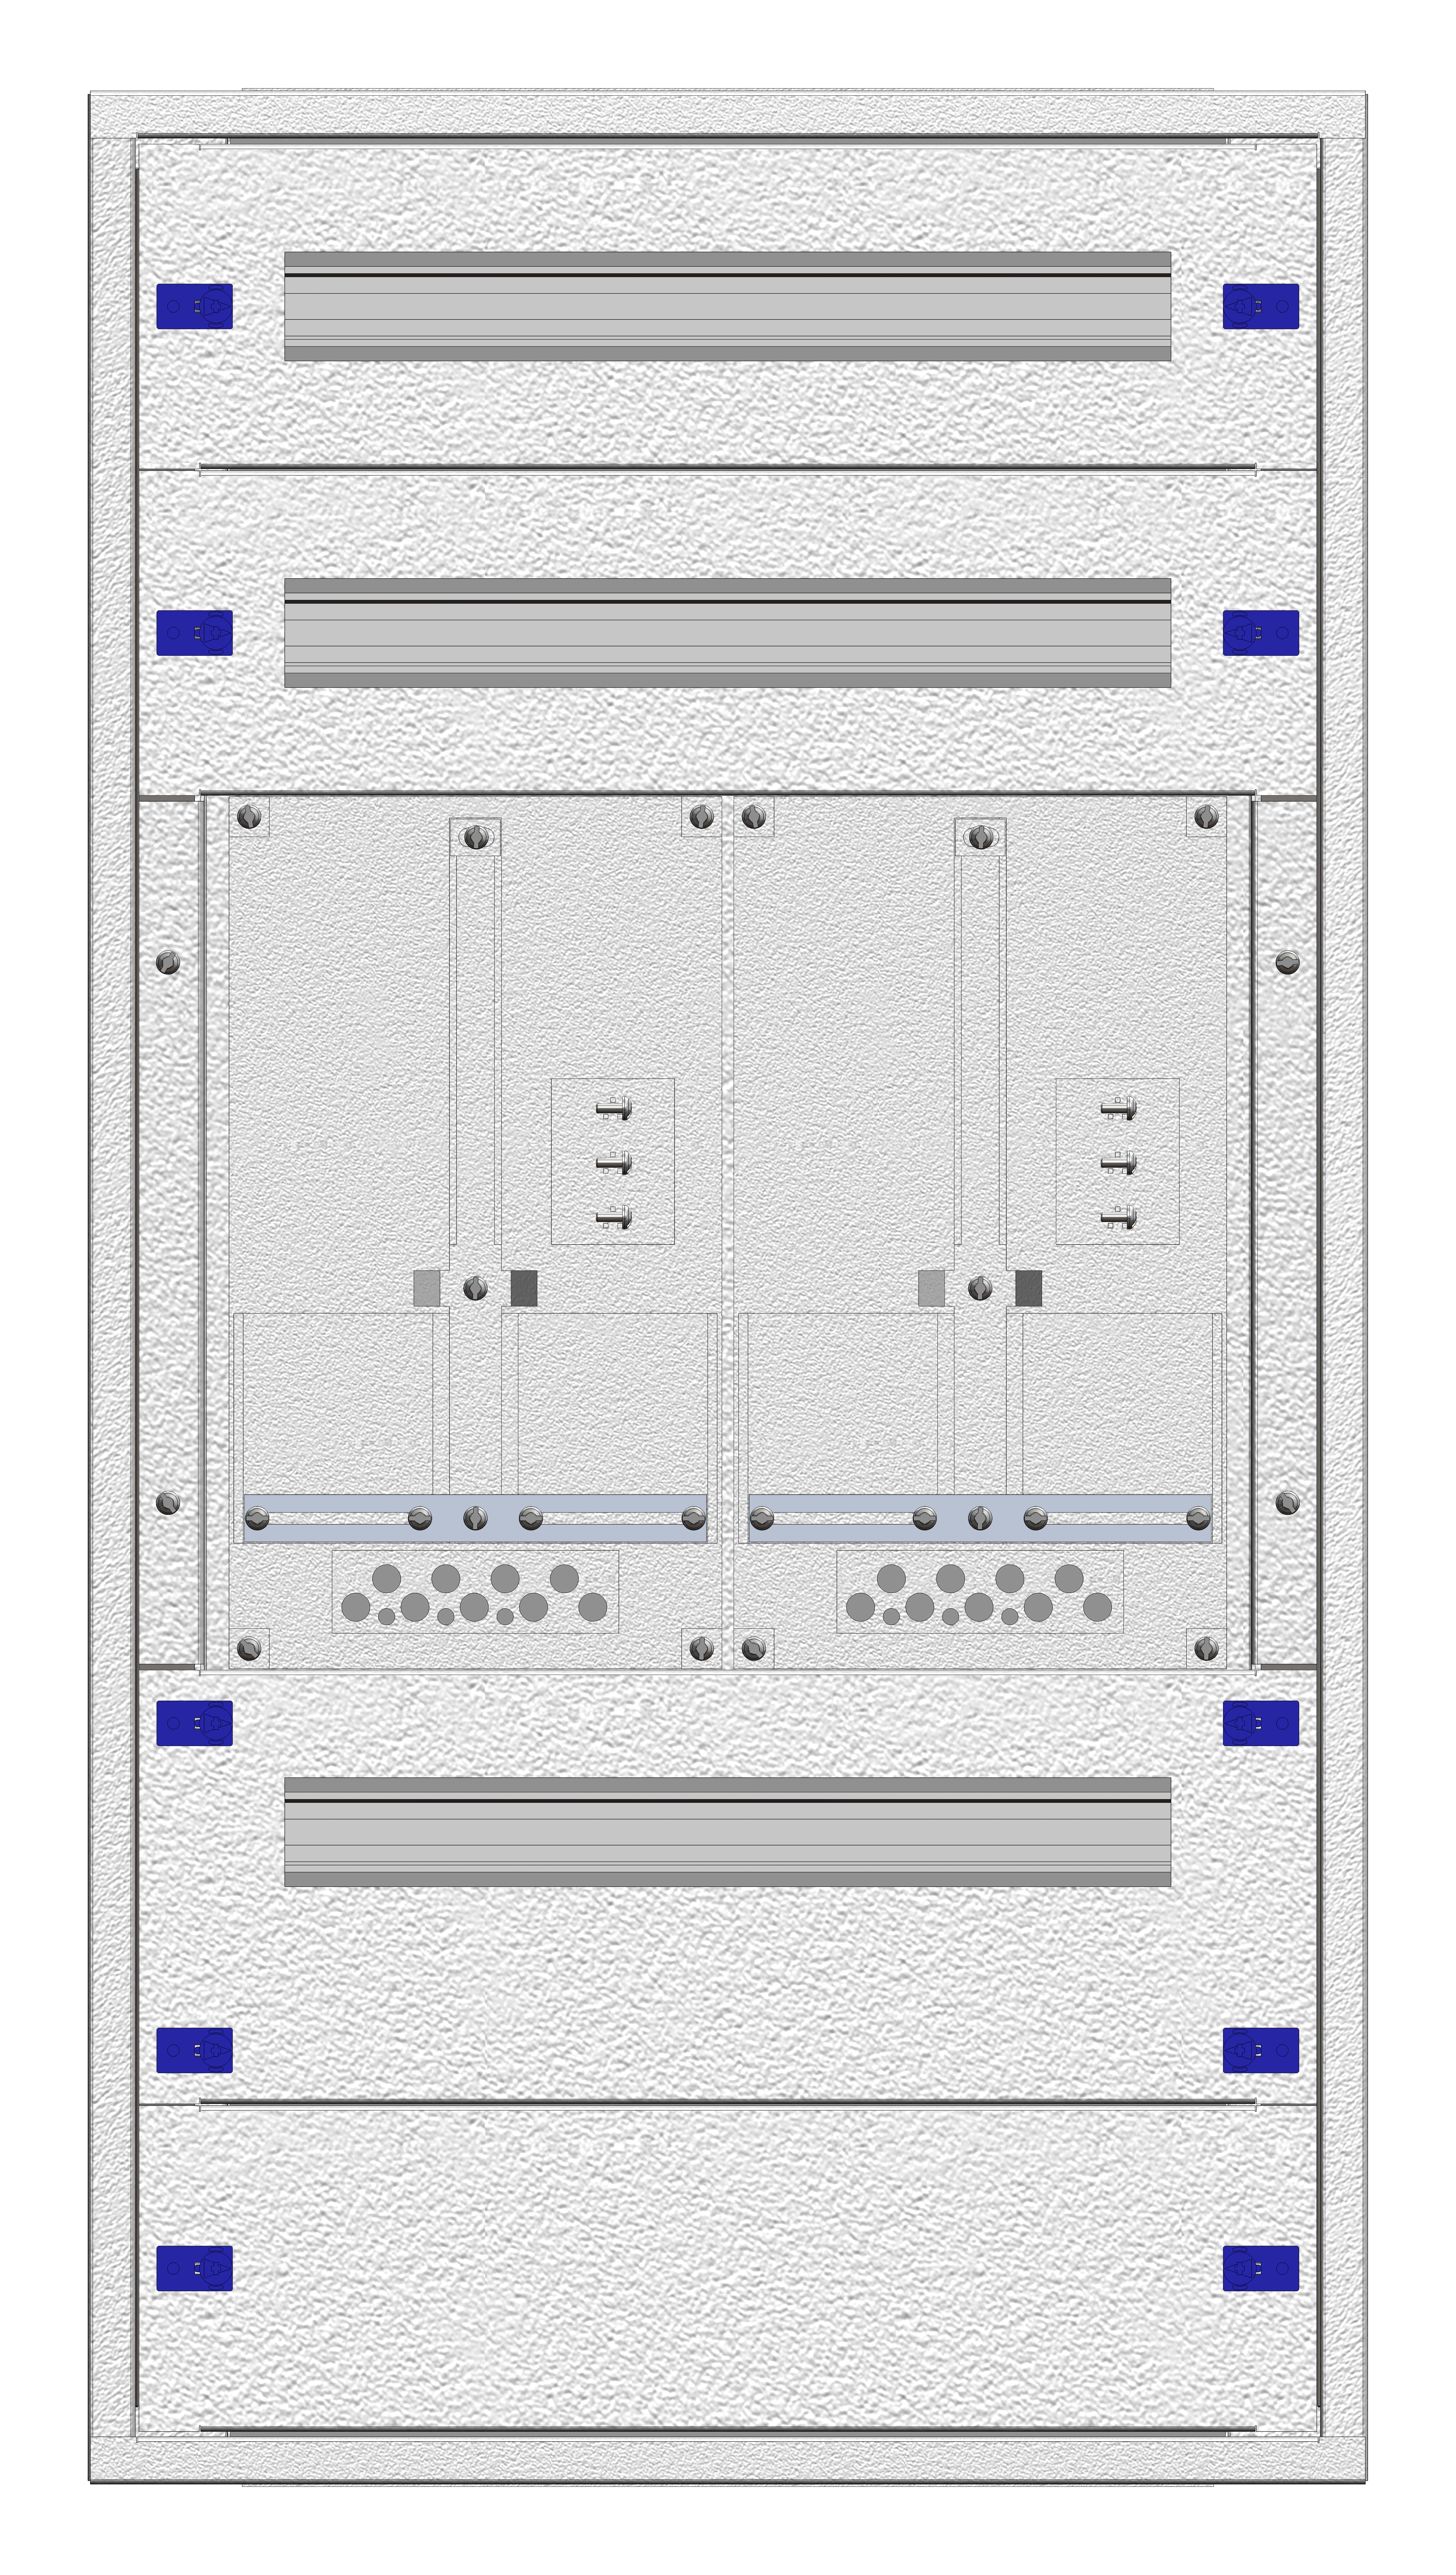 1 Stk Aufputz-Zählerverteiler 2A-21E/WIEN 2ZP, H1055B590T250mm IL160221WS